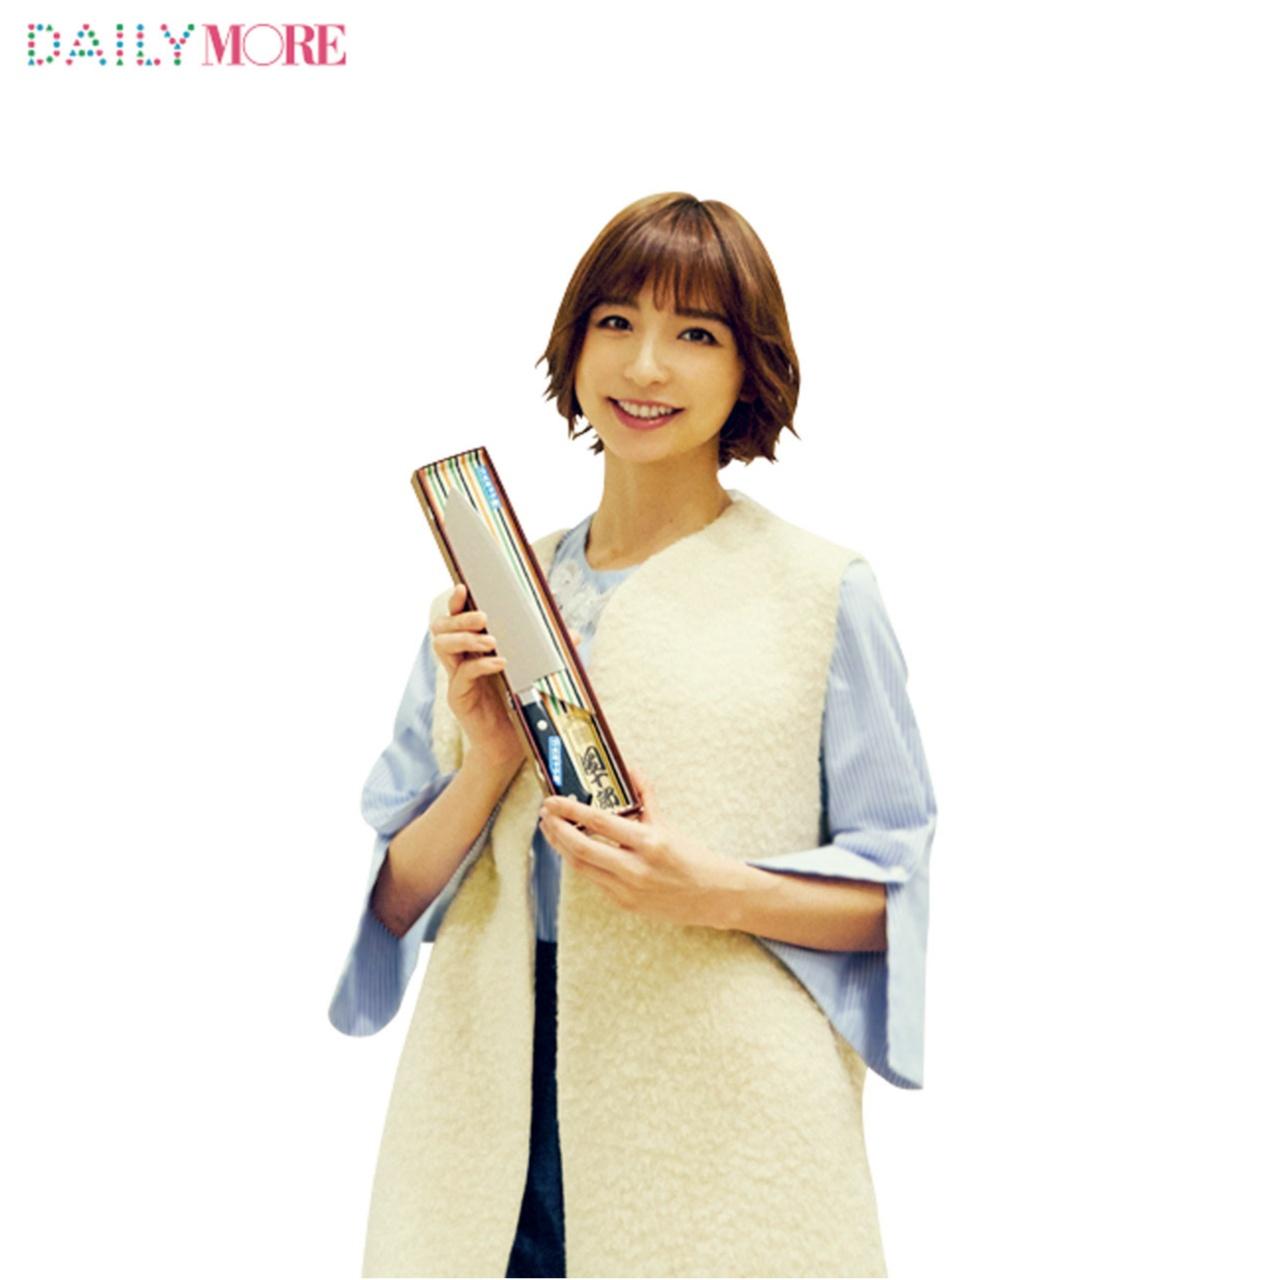 篠田麻里子と学ぶ、和の心に触れる「包丁選び&研ぎ方」!【麻里子の「和」コトハジメ】_2